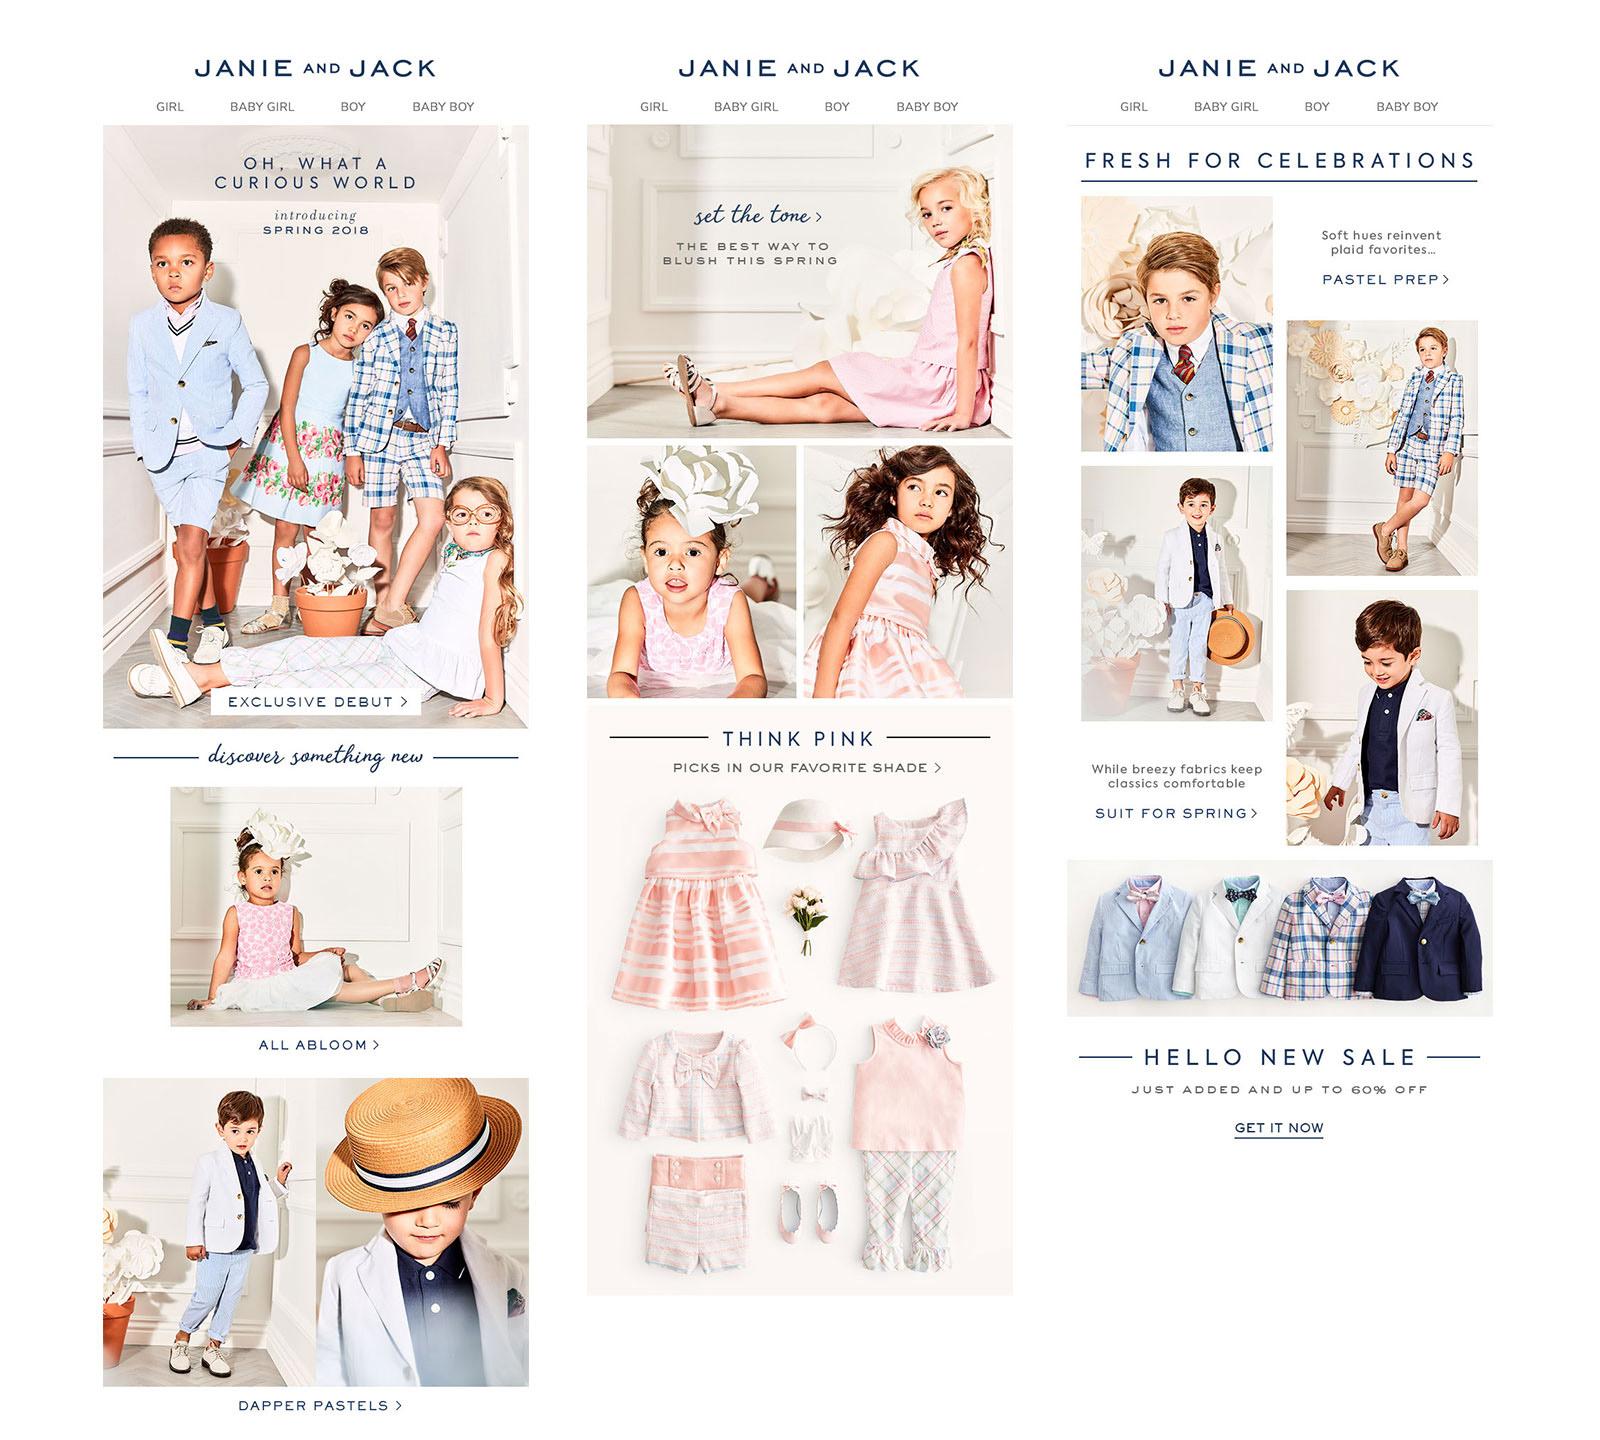 JJ_spring_11.jpg